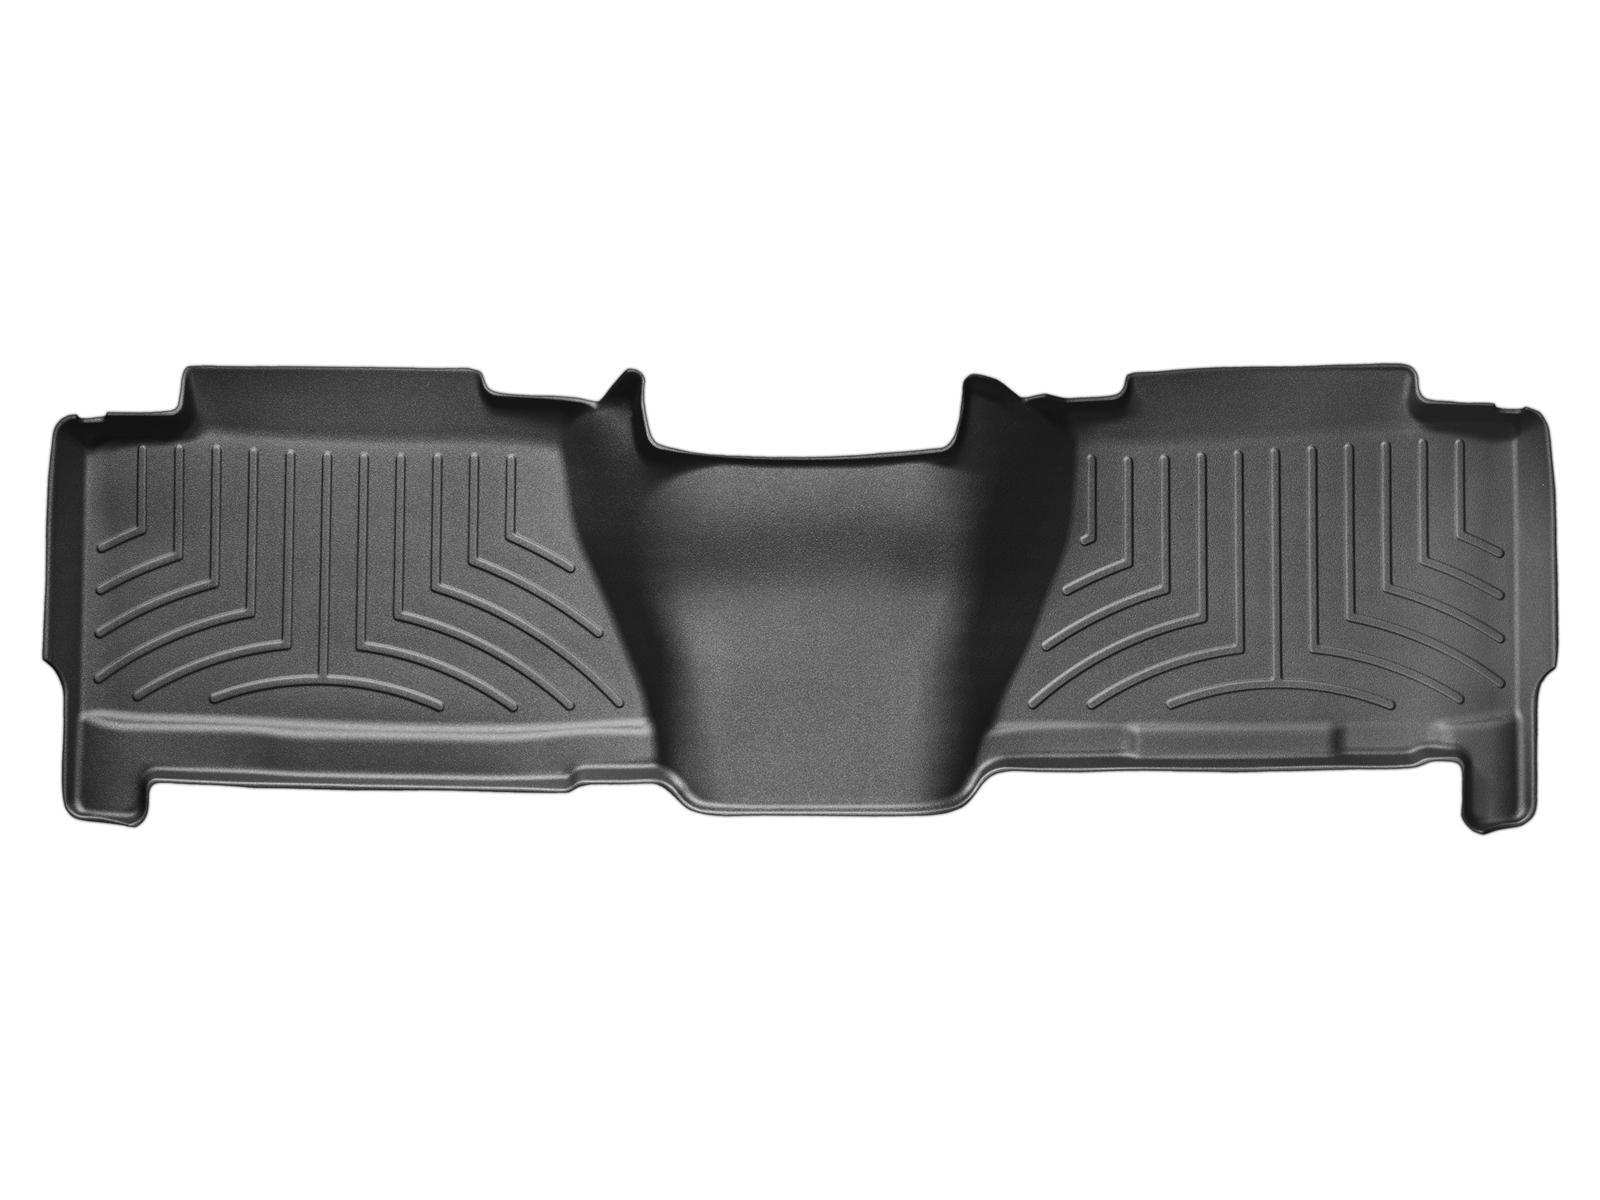 Tappeti gomma su misura bordo alto Chevrolet Silverado 07>07 Nero A173